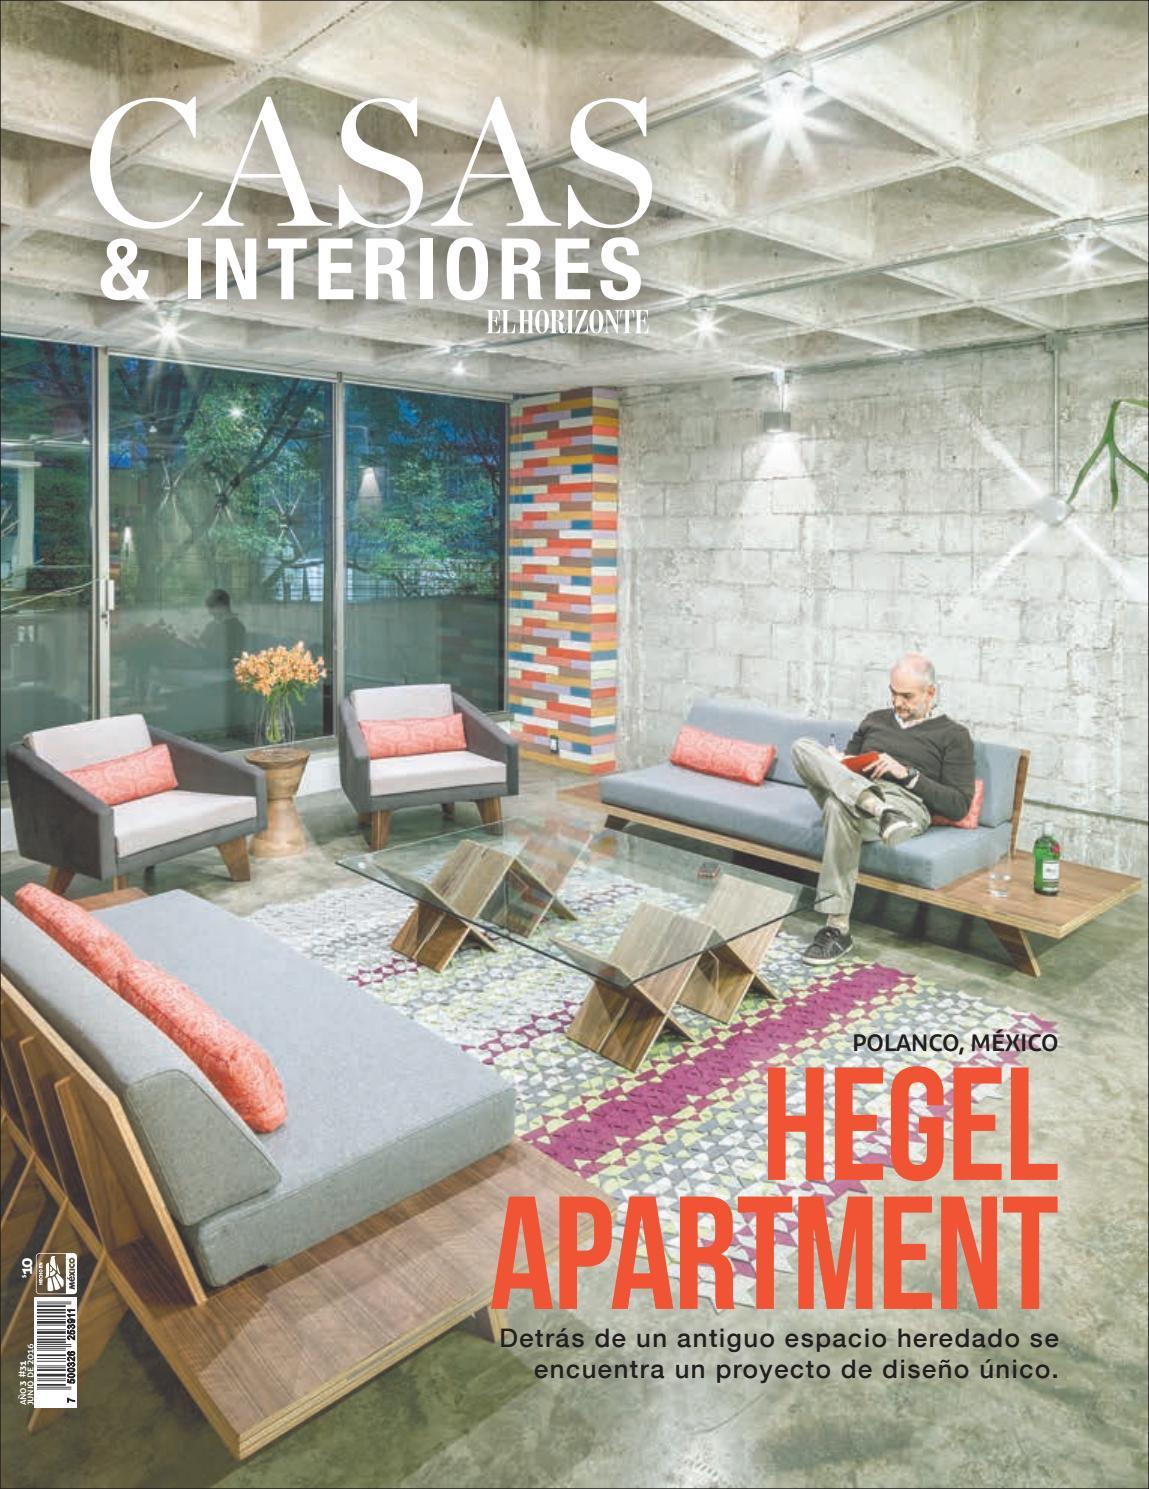 Casas & Interiores #31 by Estilo de Vida El Horizonte - issuu